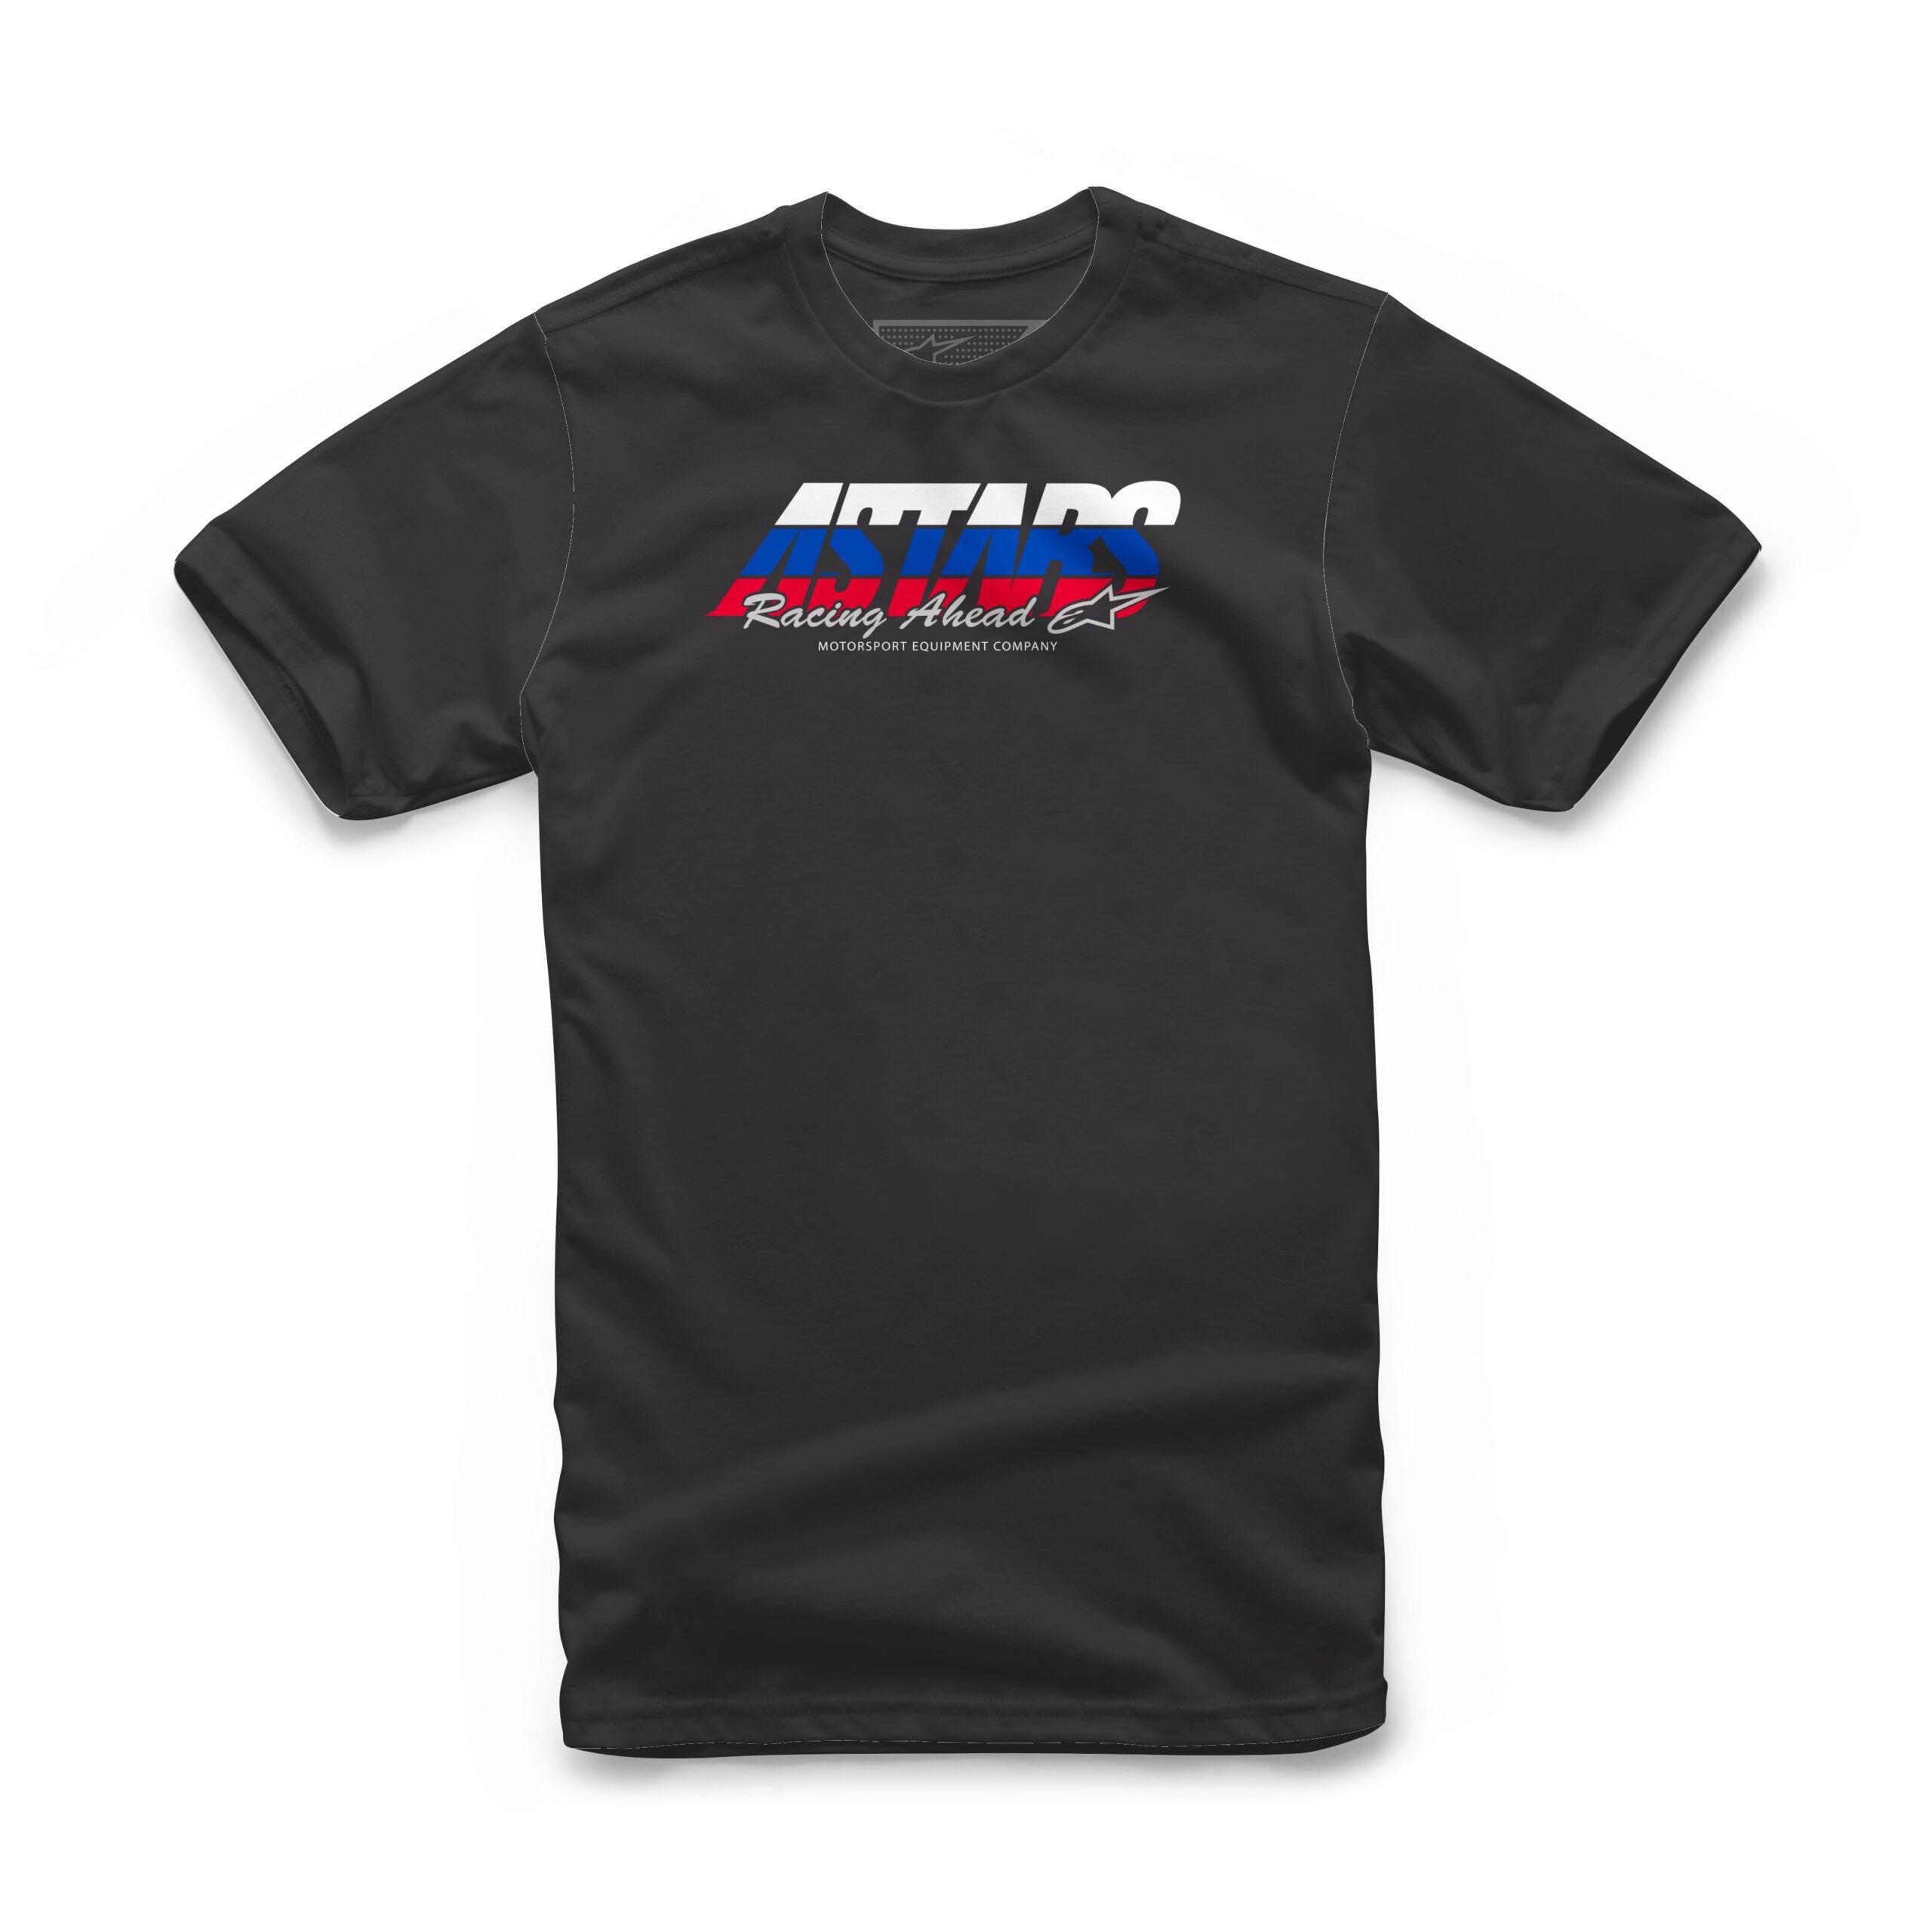 Alpinestars Racing Ahead Tee - zwarte T-shirt voor mannen